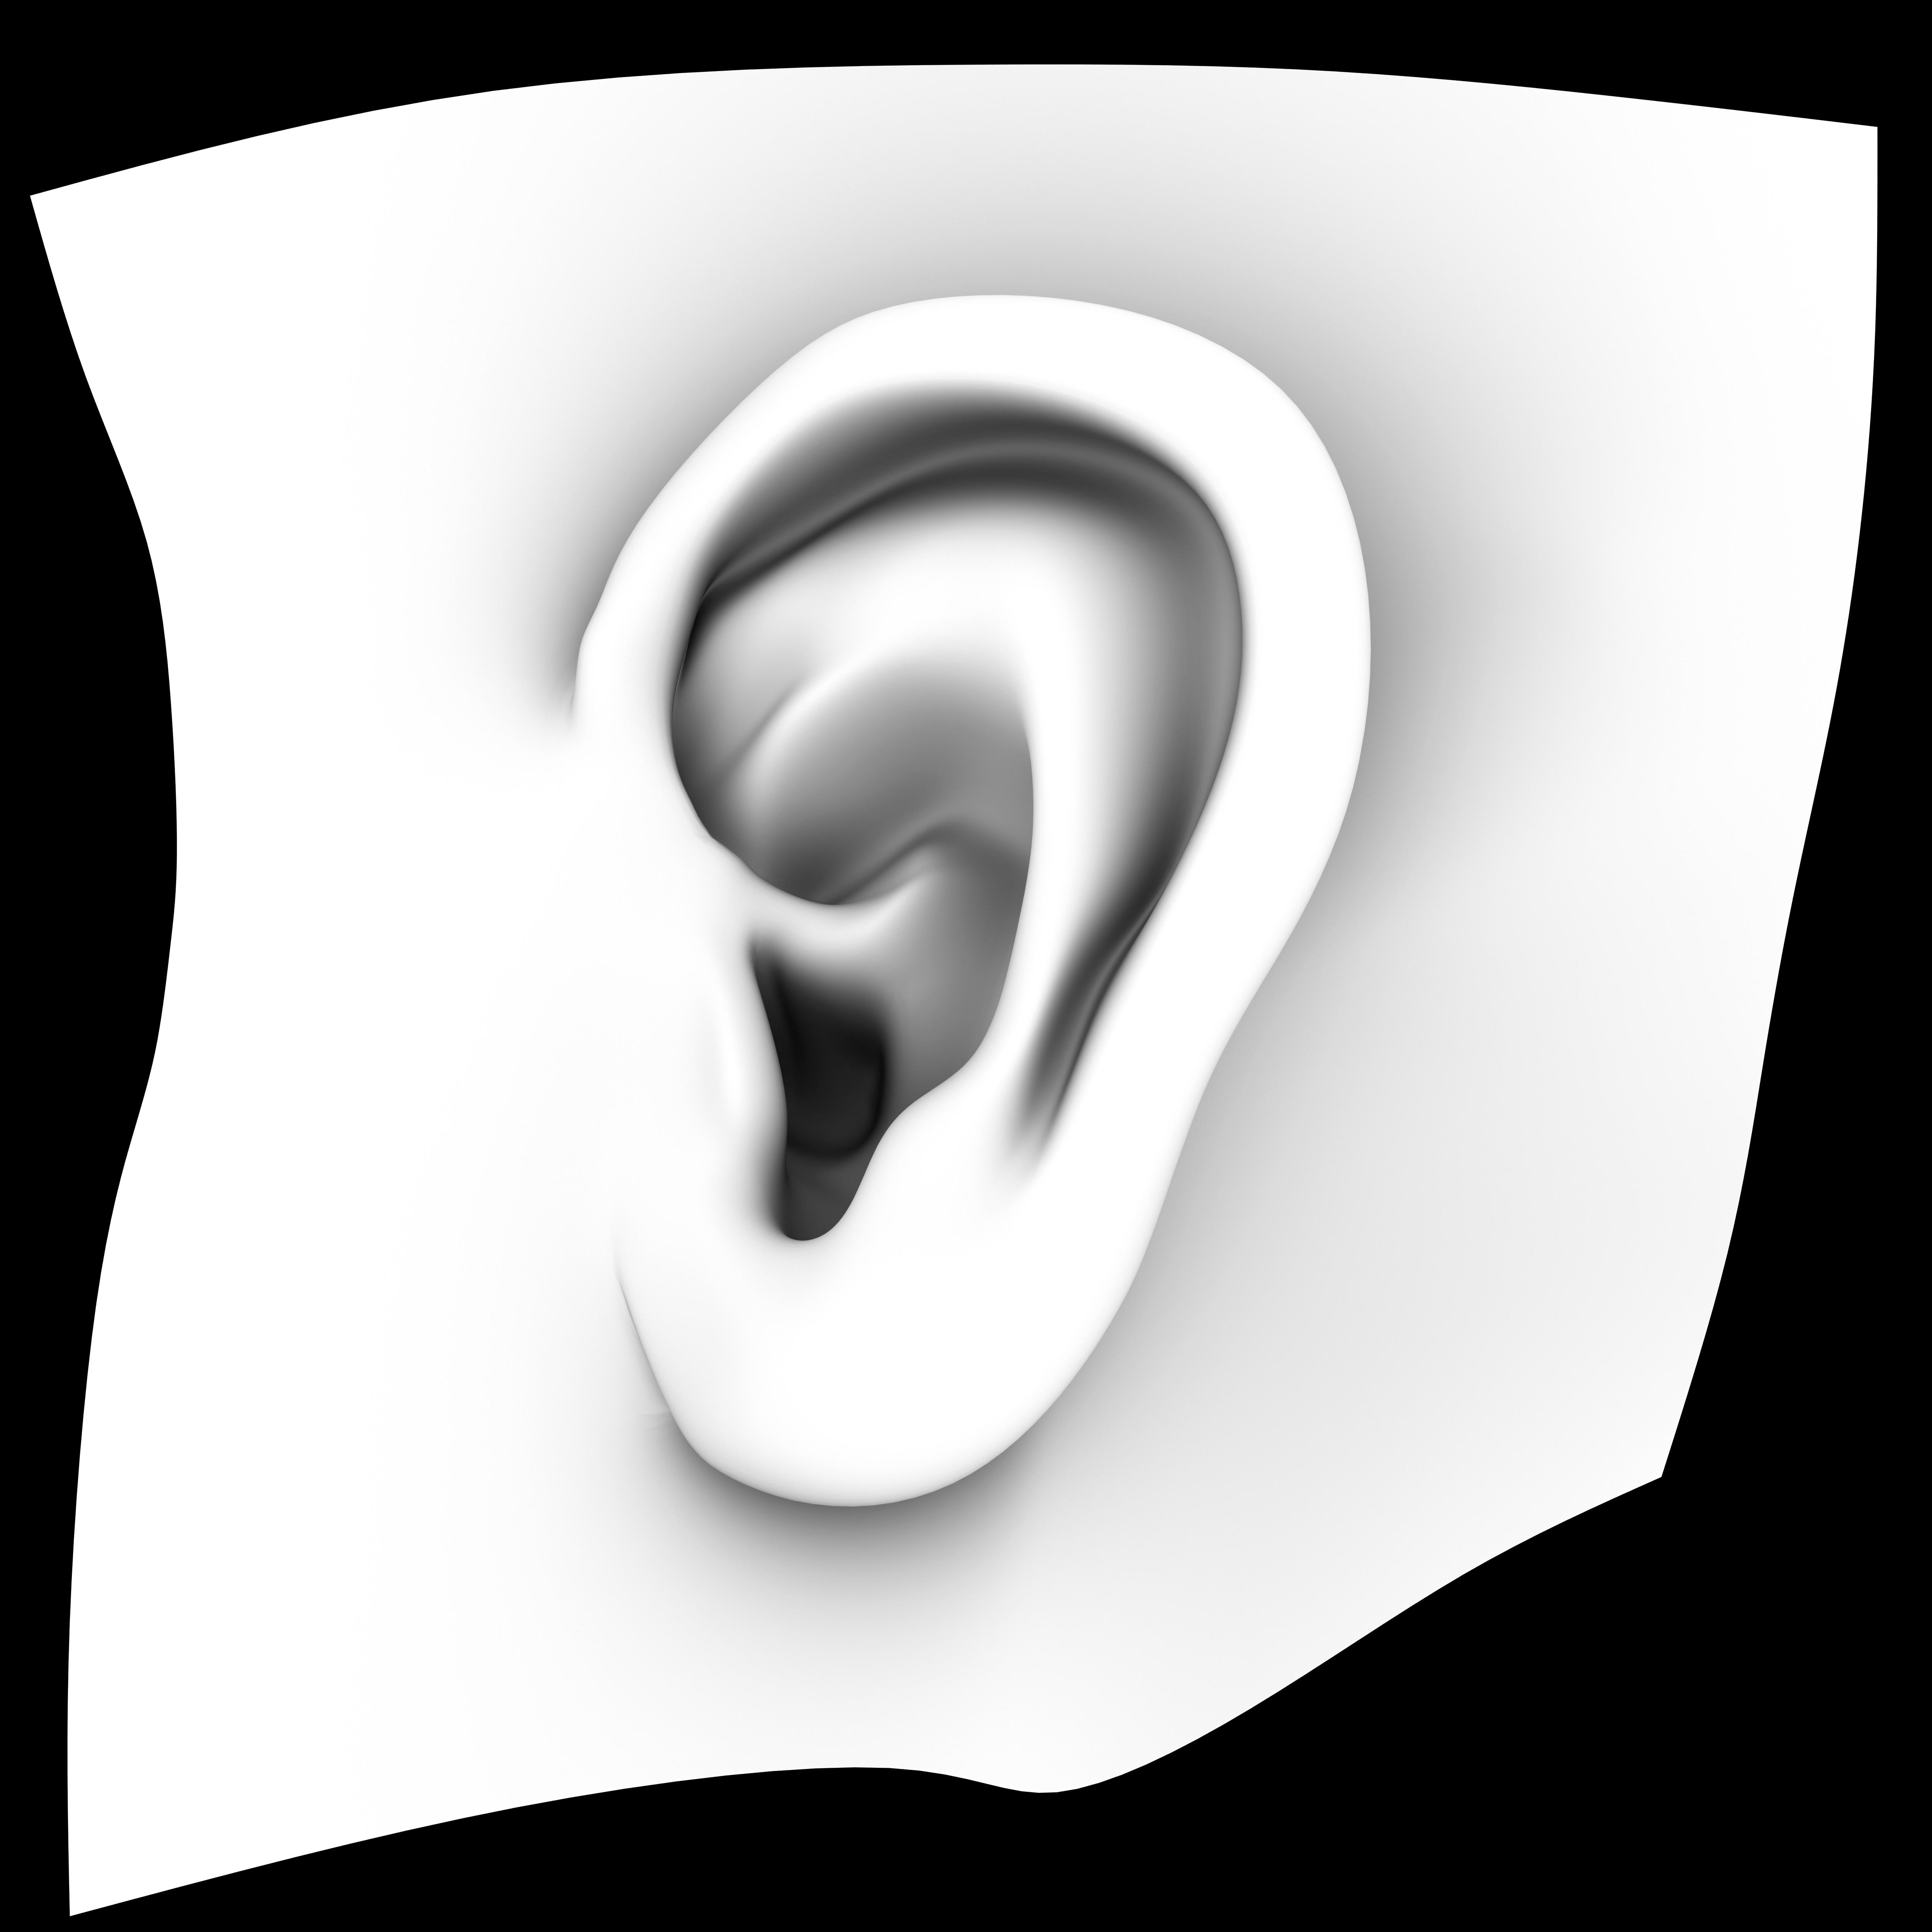 Ear, artwork